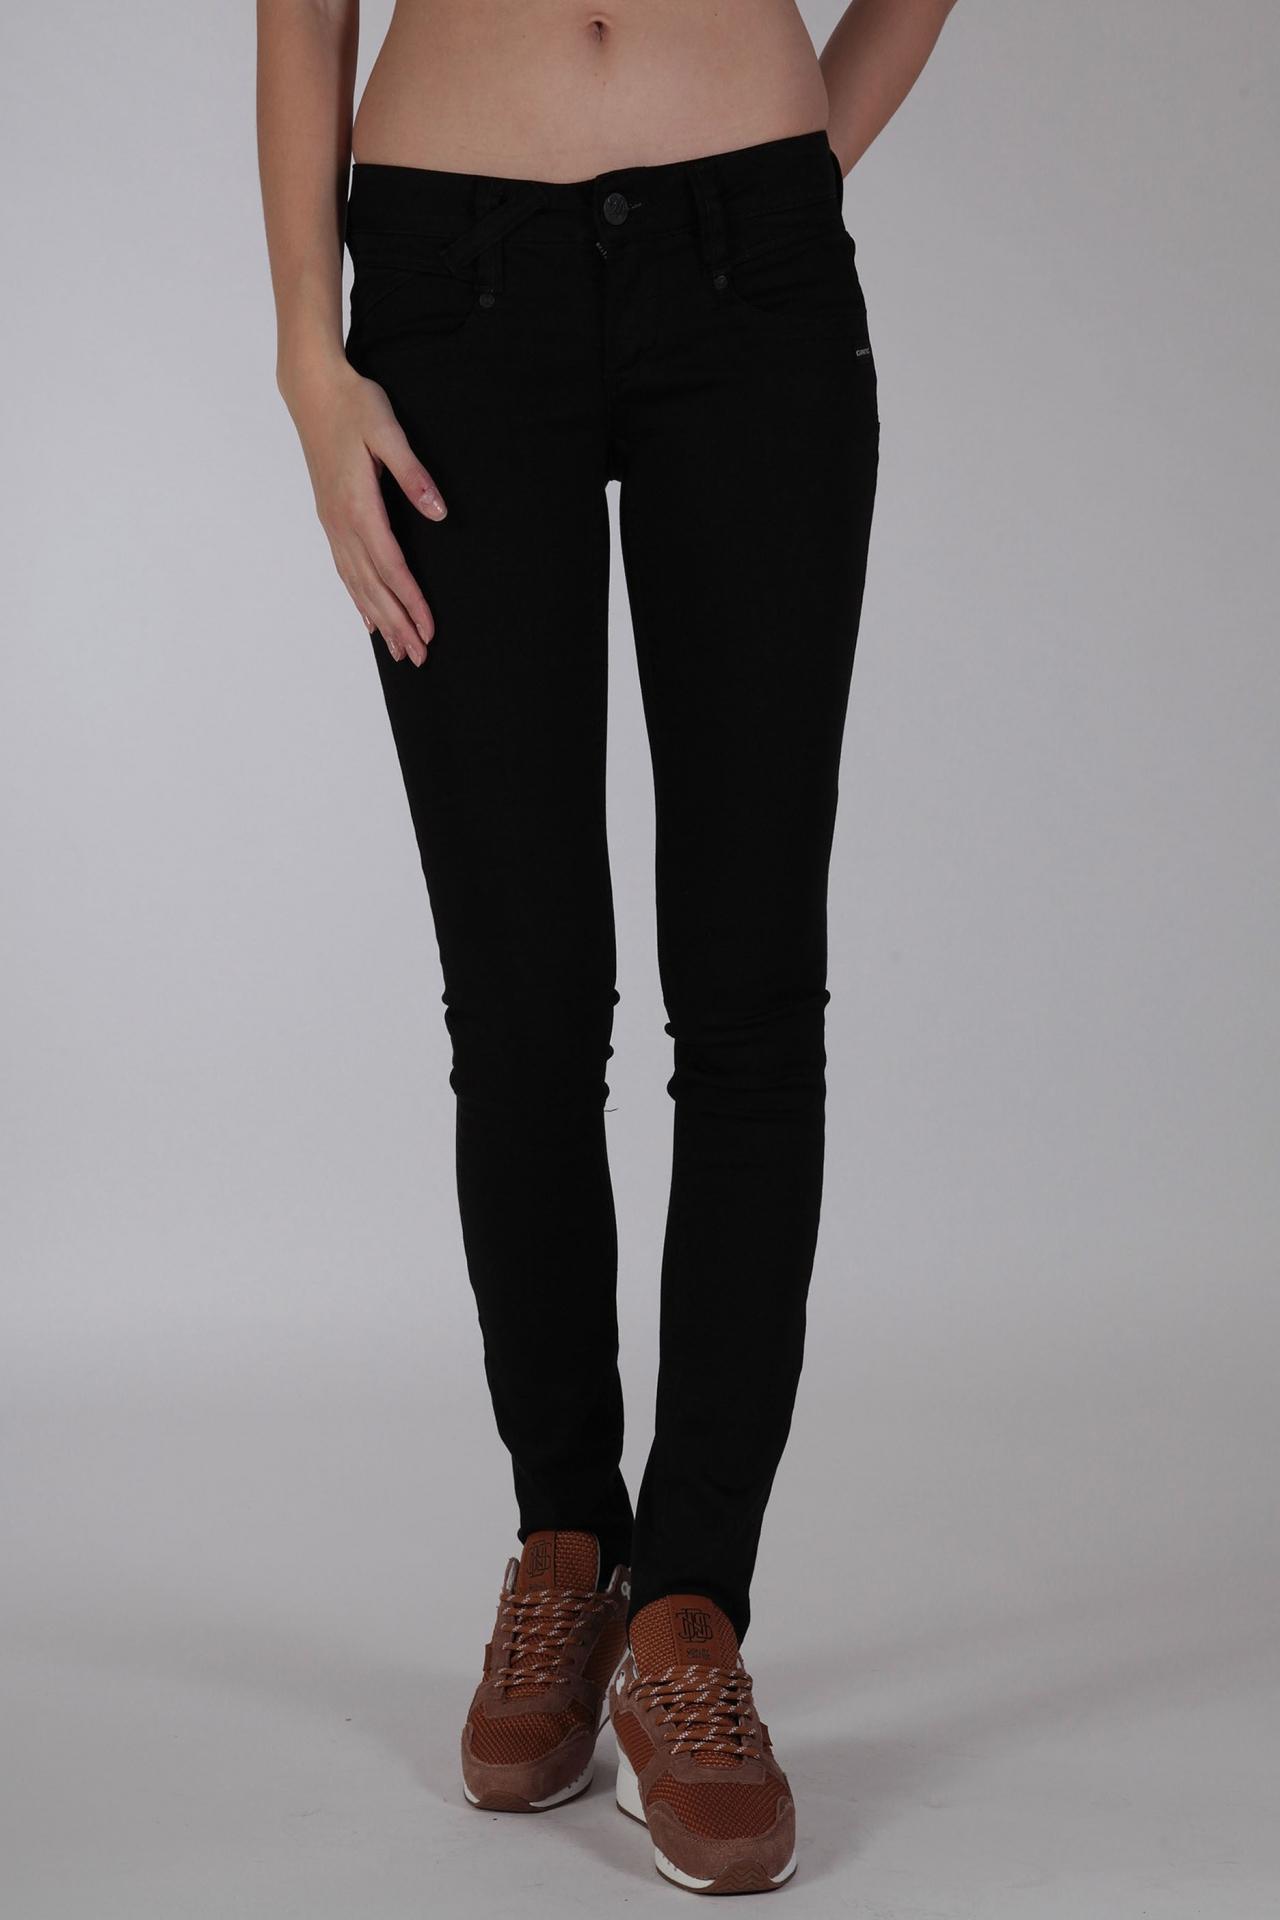 gang nena slim fit jeans skate streetwear online shop jeansecke. Black Bedroom Furniture Sets. Home Design Ideas